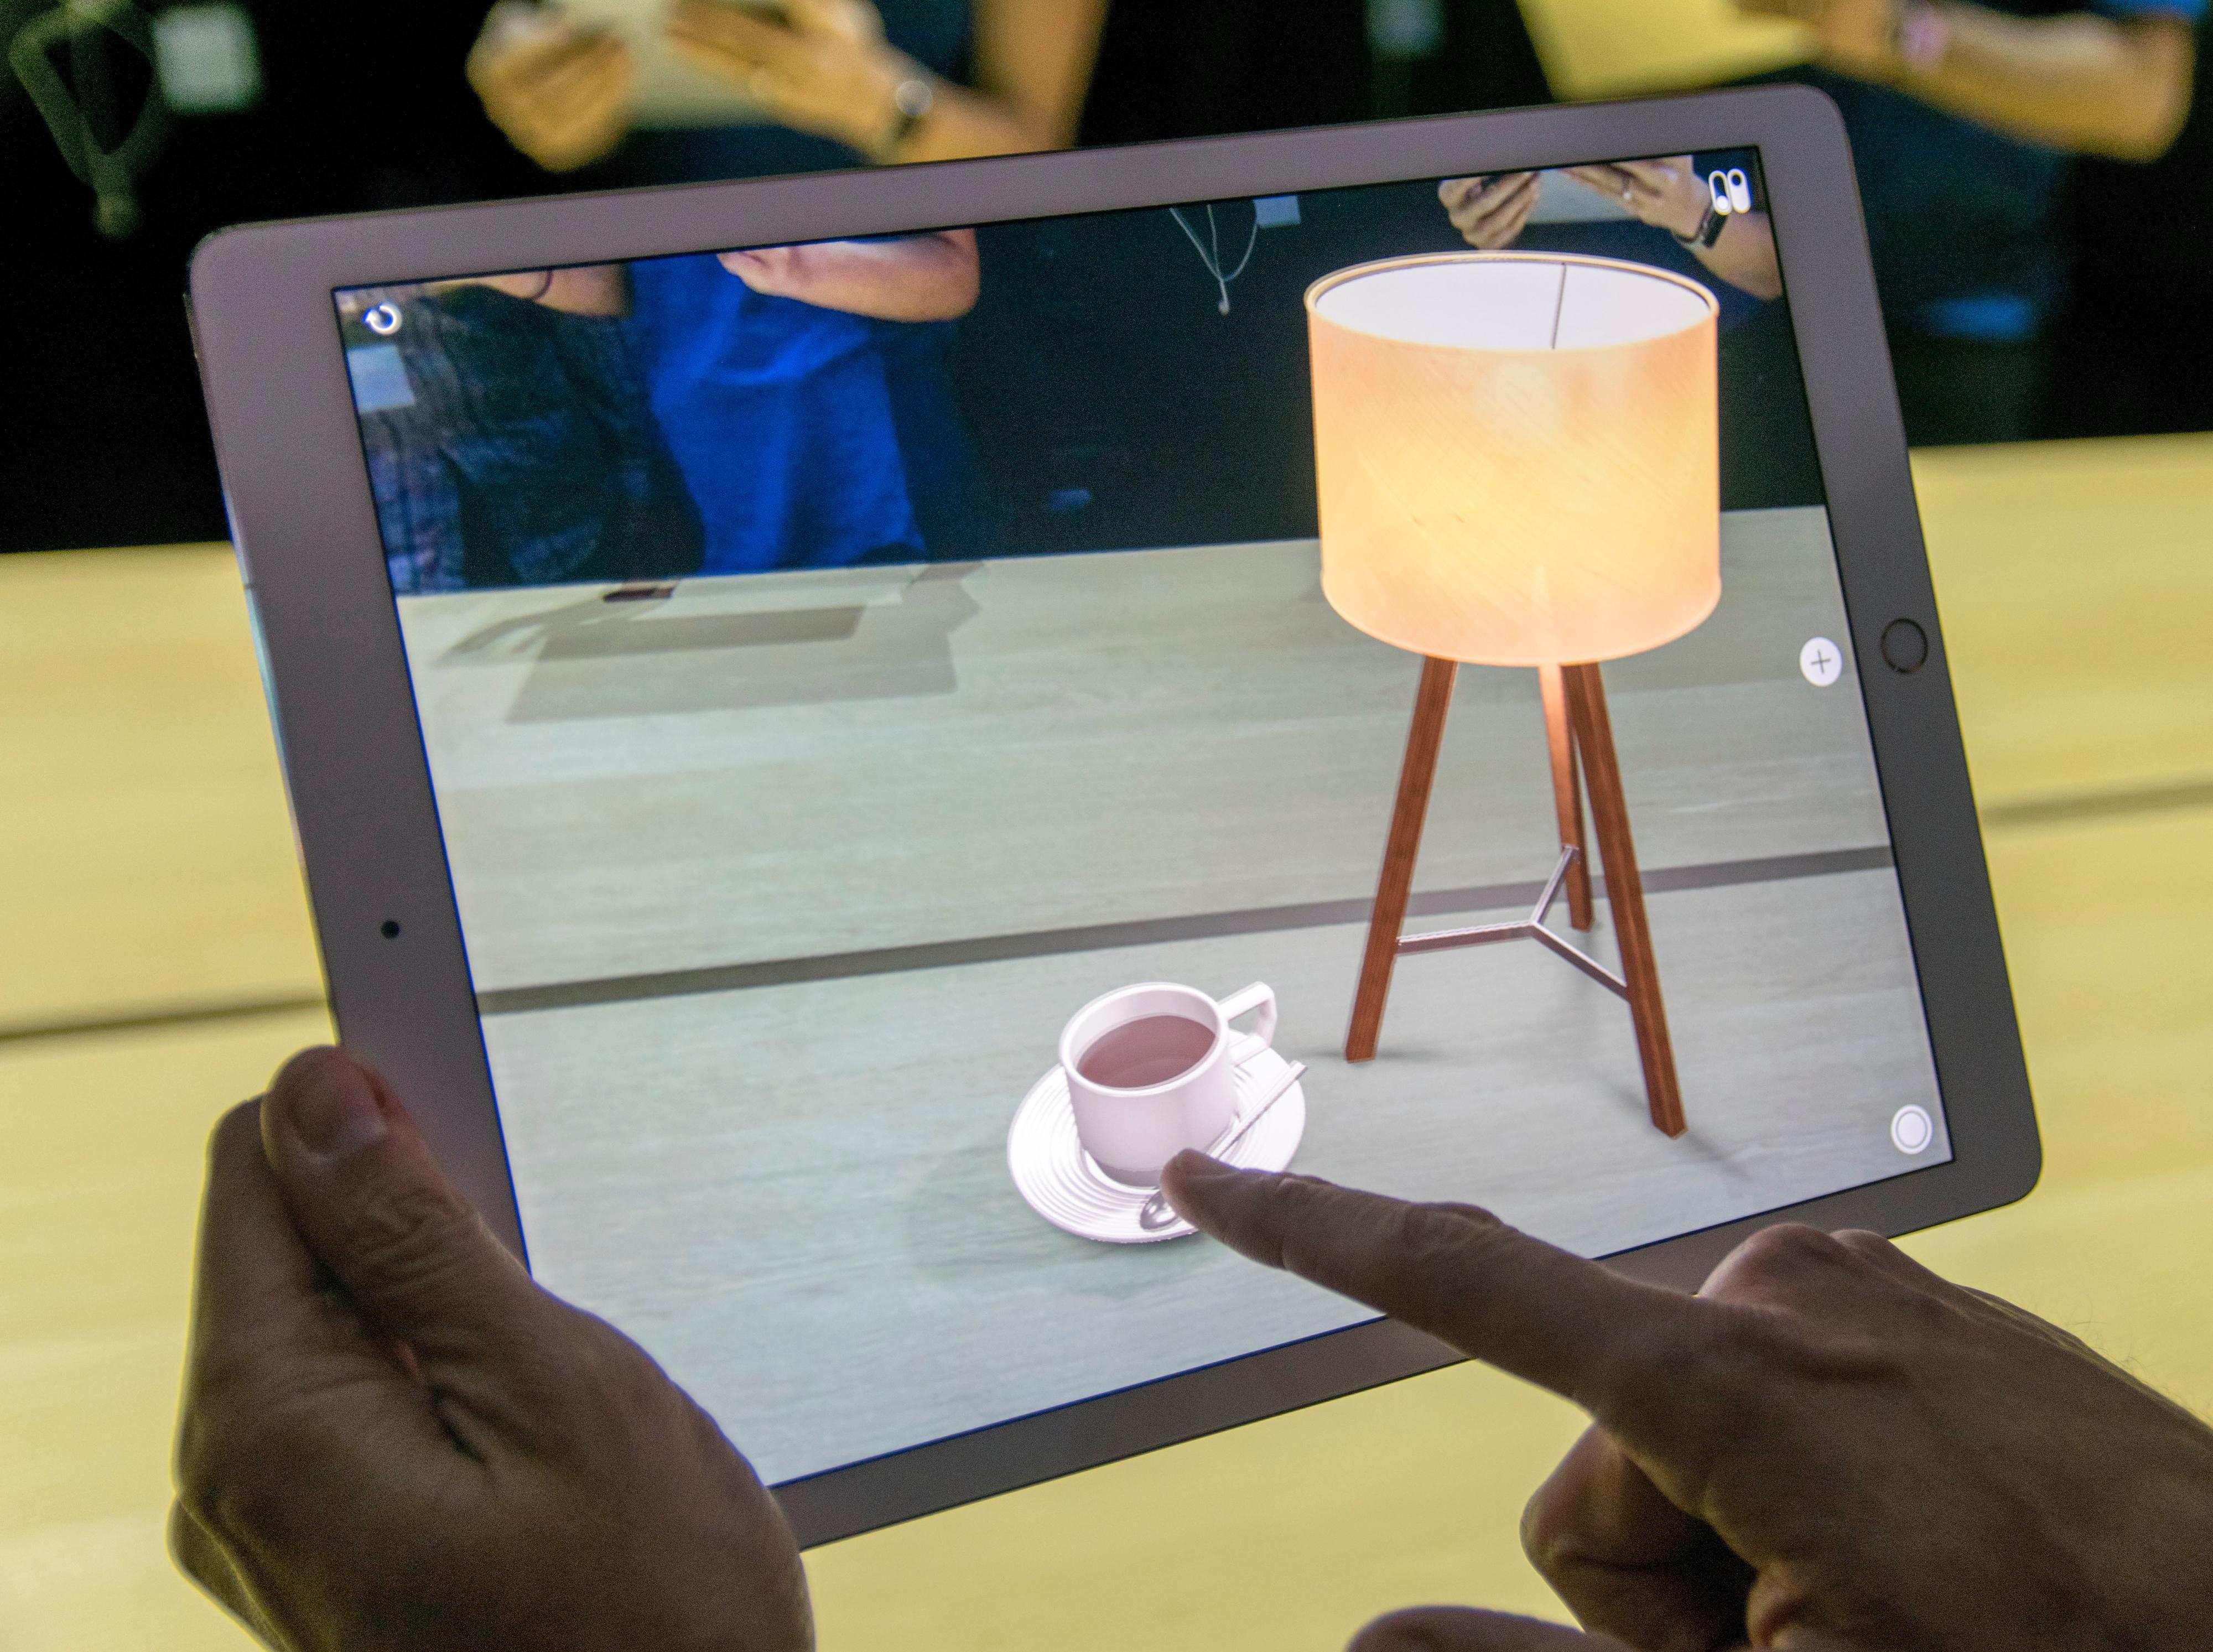 Ar Kit kaller Apple løsningen sin for støtte av utvidet virkelighet-apper. Det funker noenlunde bra, men har ikke like gode fysiske forutsetninger som Google Tango-løsningen med dybdekamera.